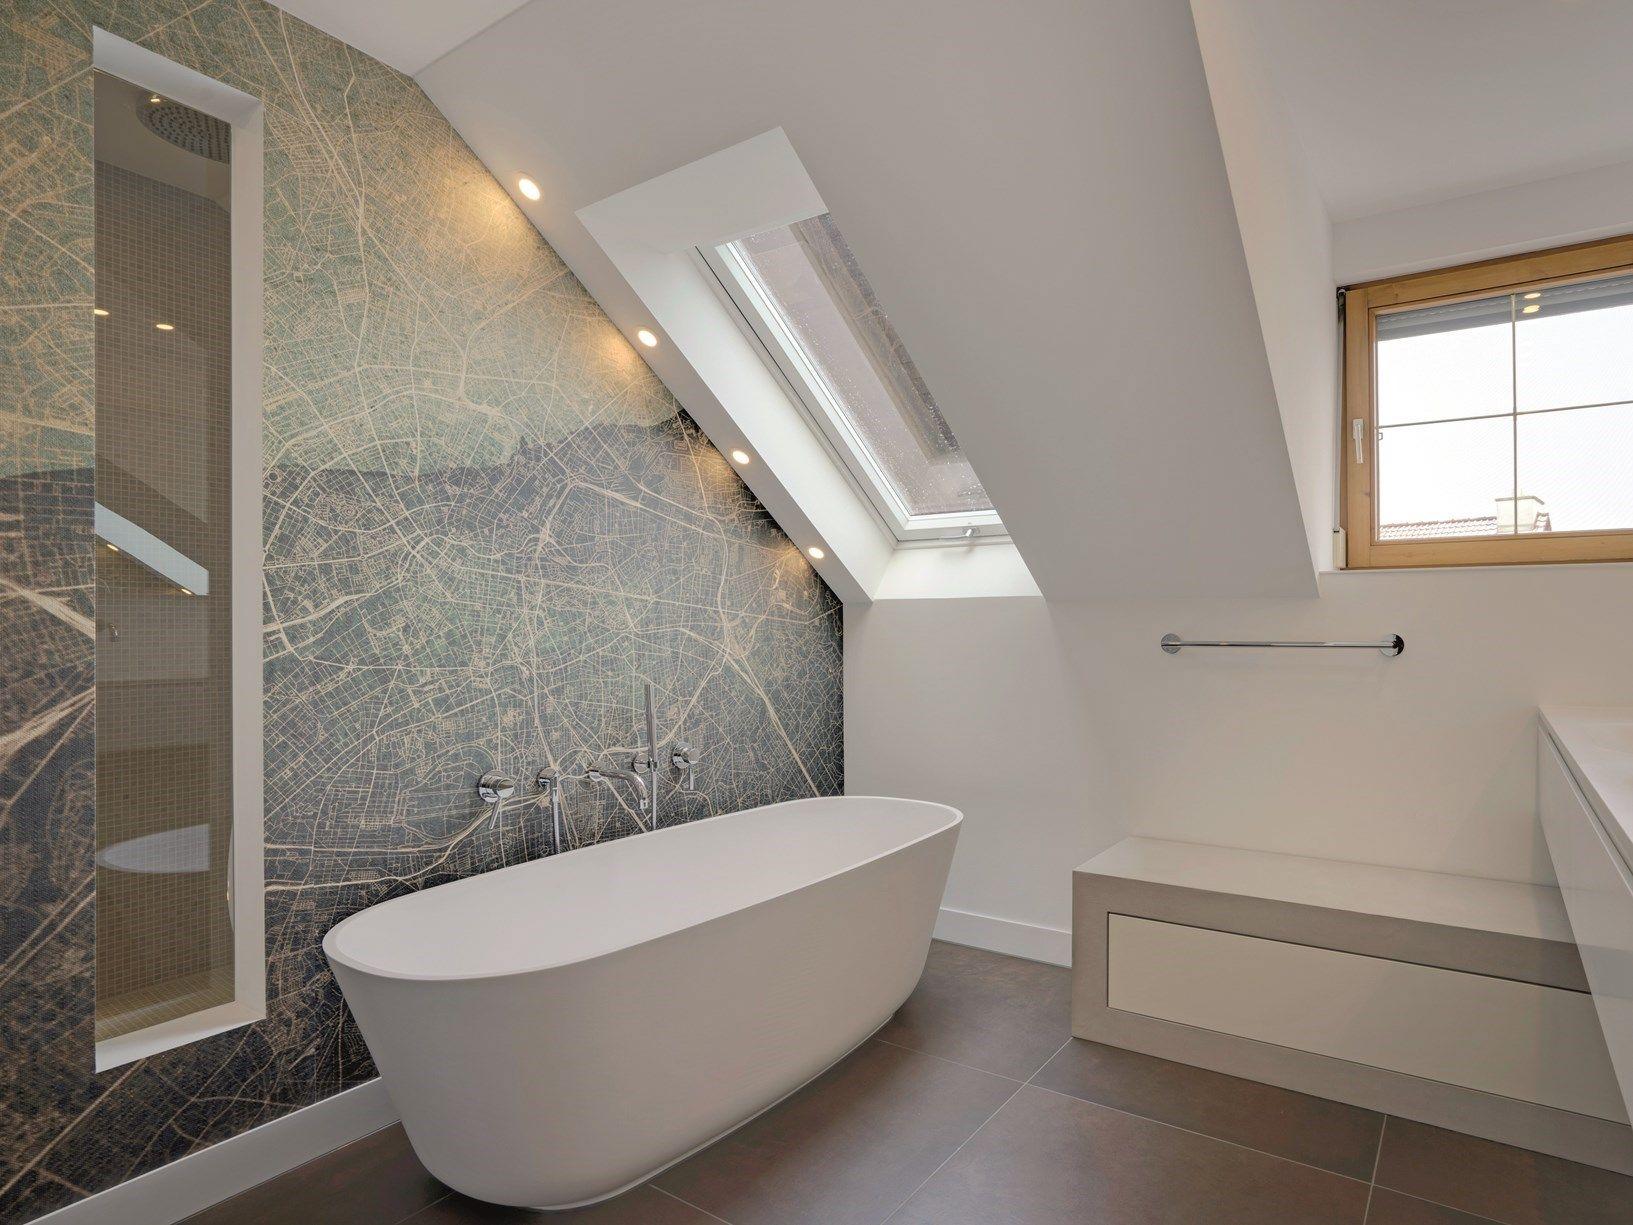 Un bagno di 12 metri quadri diventa una spa domestica - Quadri da appendere in bagno ...